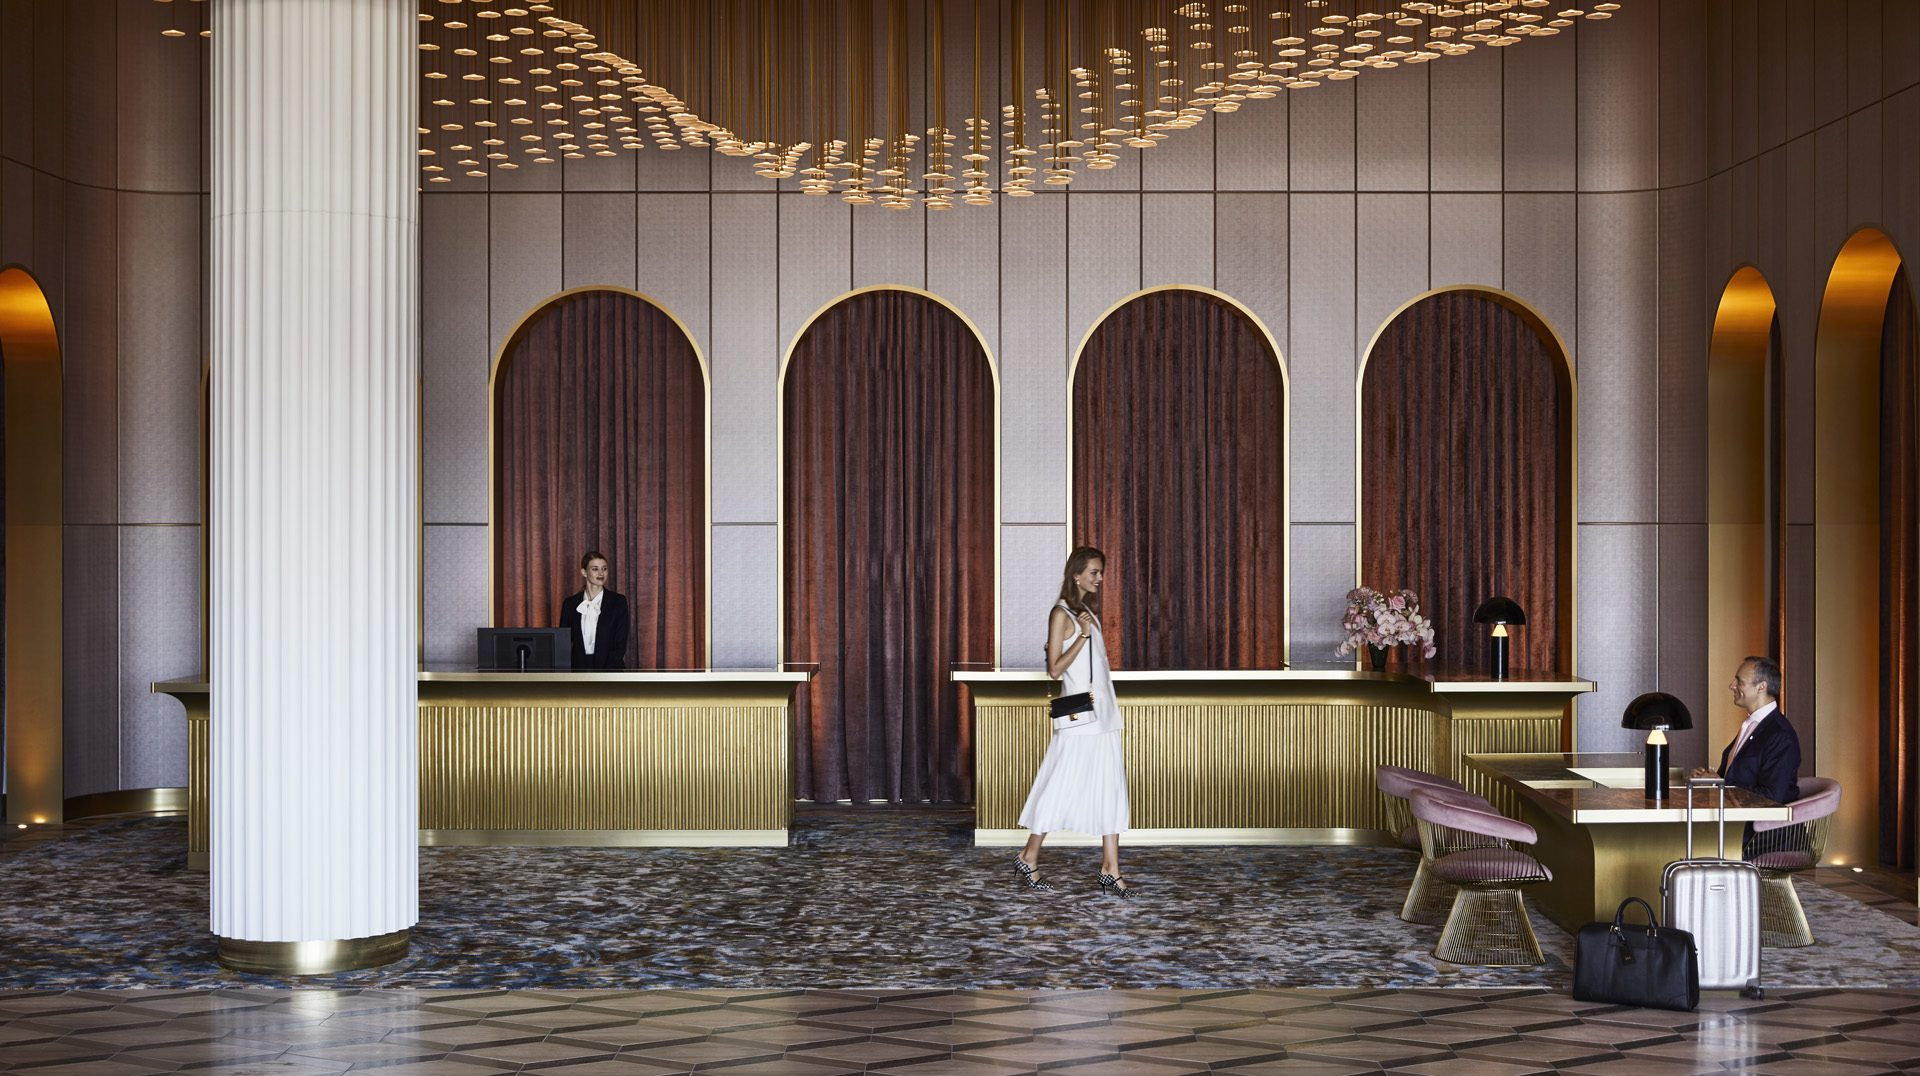 HotelChadstone_Reception_1_Talent2